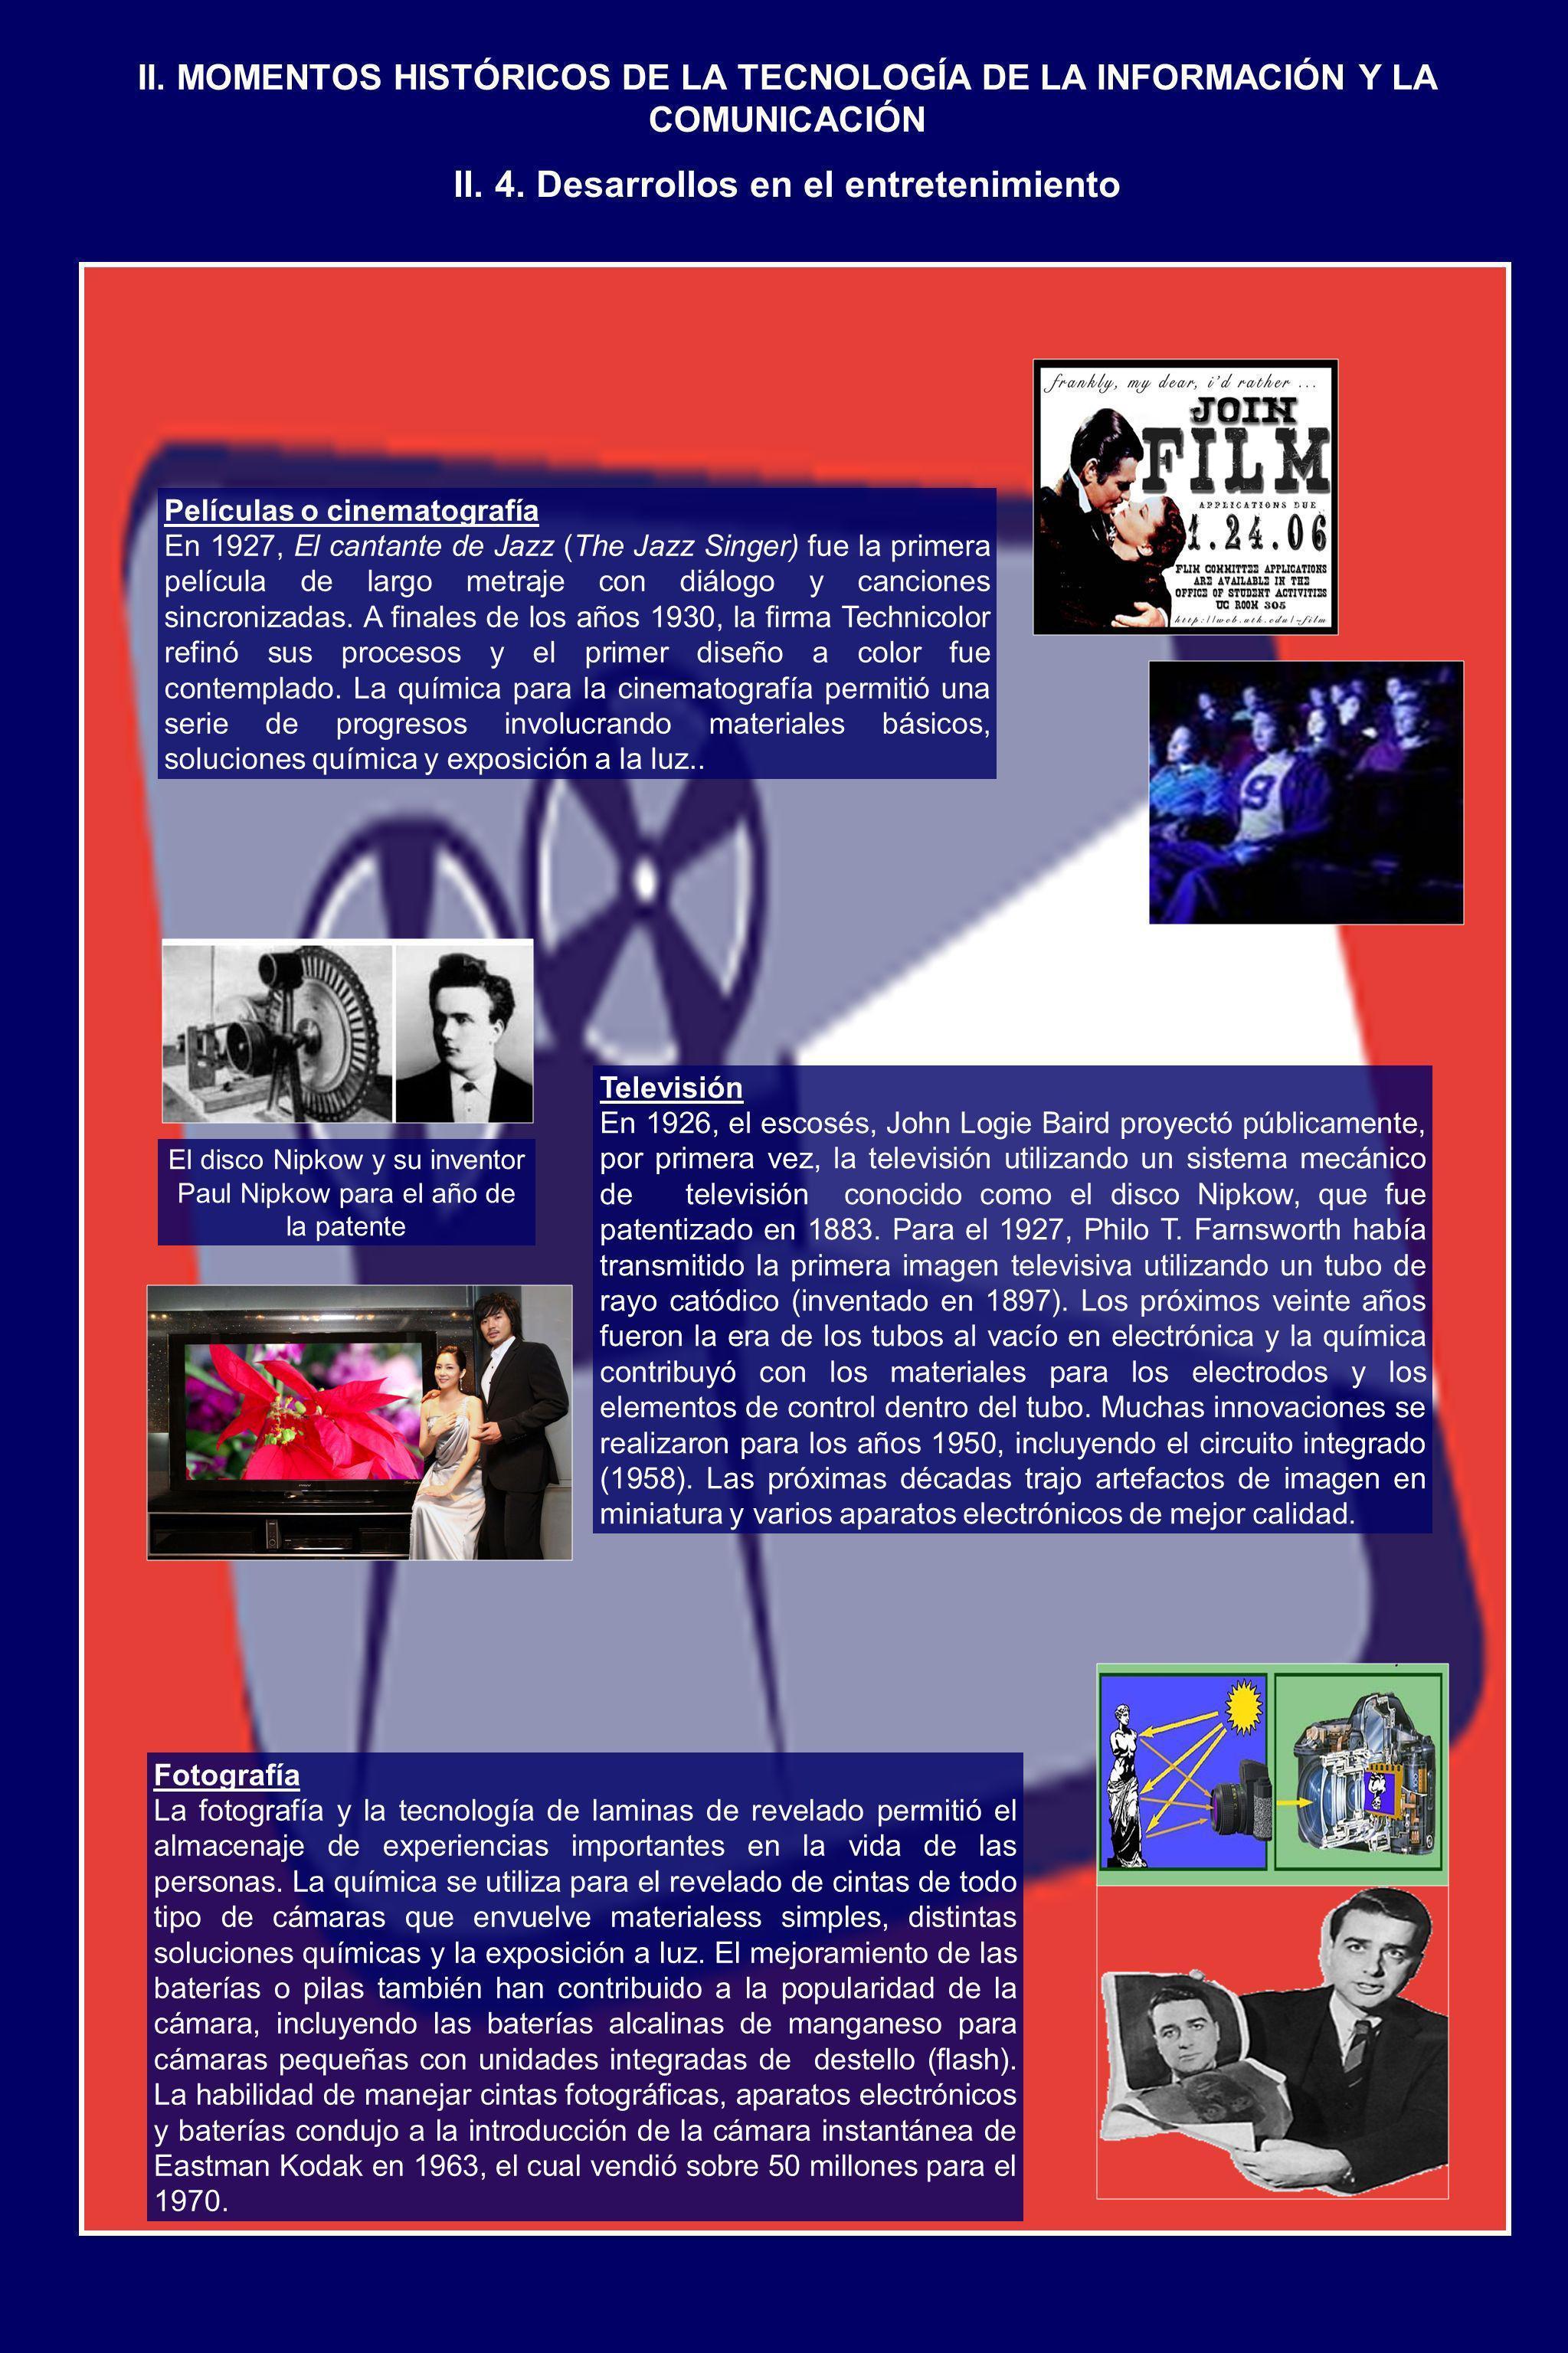 II. MOMENTOS HISTÓRICOS DE LA TECNOLOGÍA DE LA INFORMACIÓN Y LA COMUNICACIÓN Películas o cinematografía En 1927, El cantante de Jazz (The Jazz Singer)